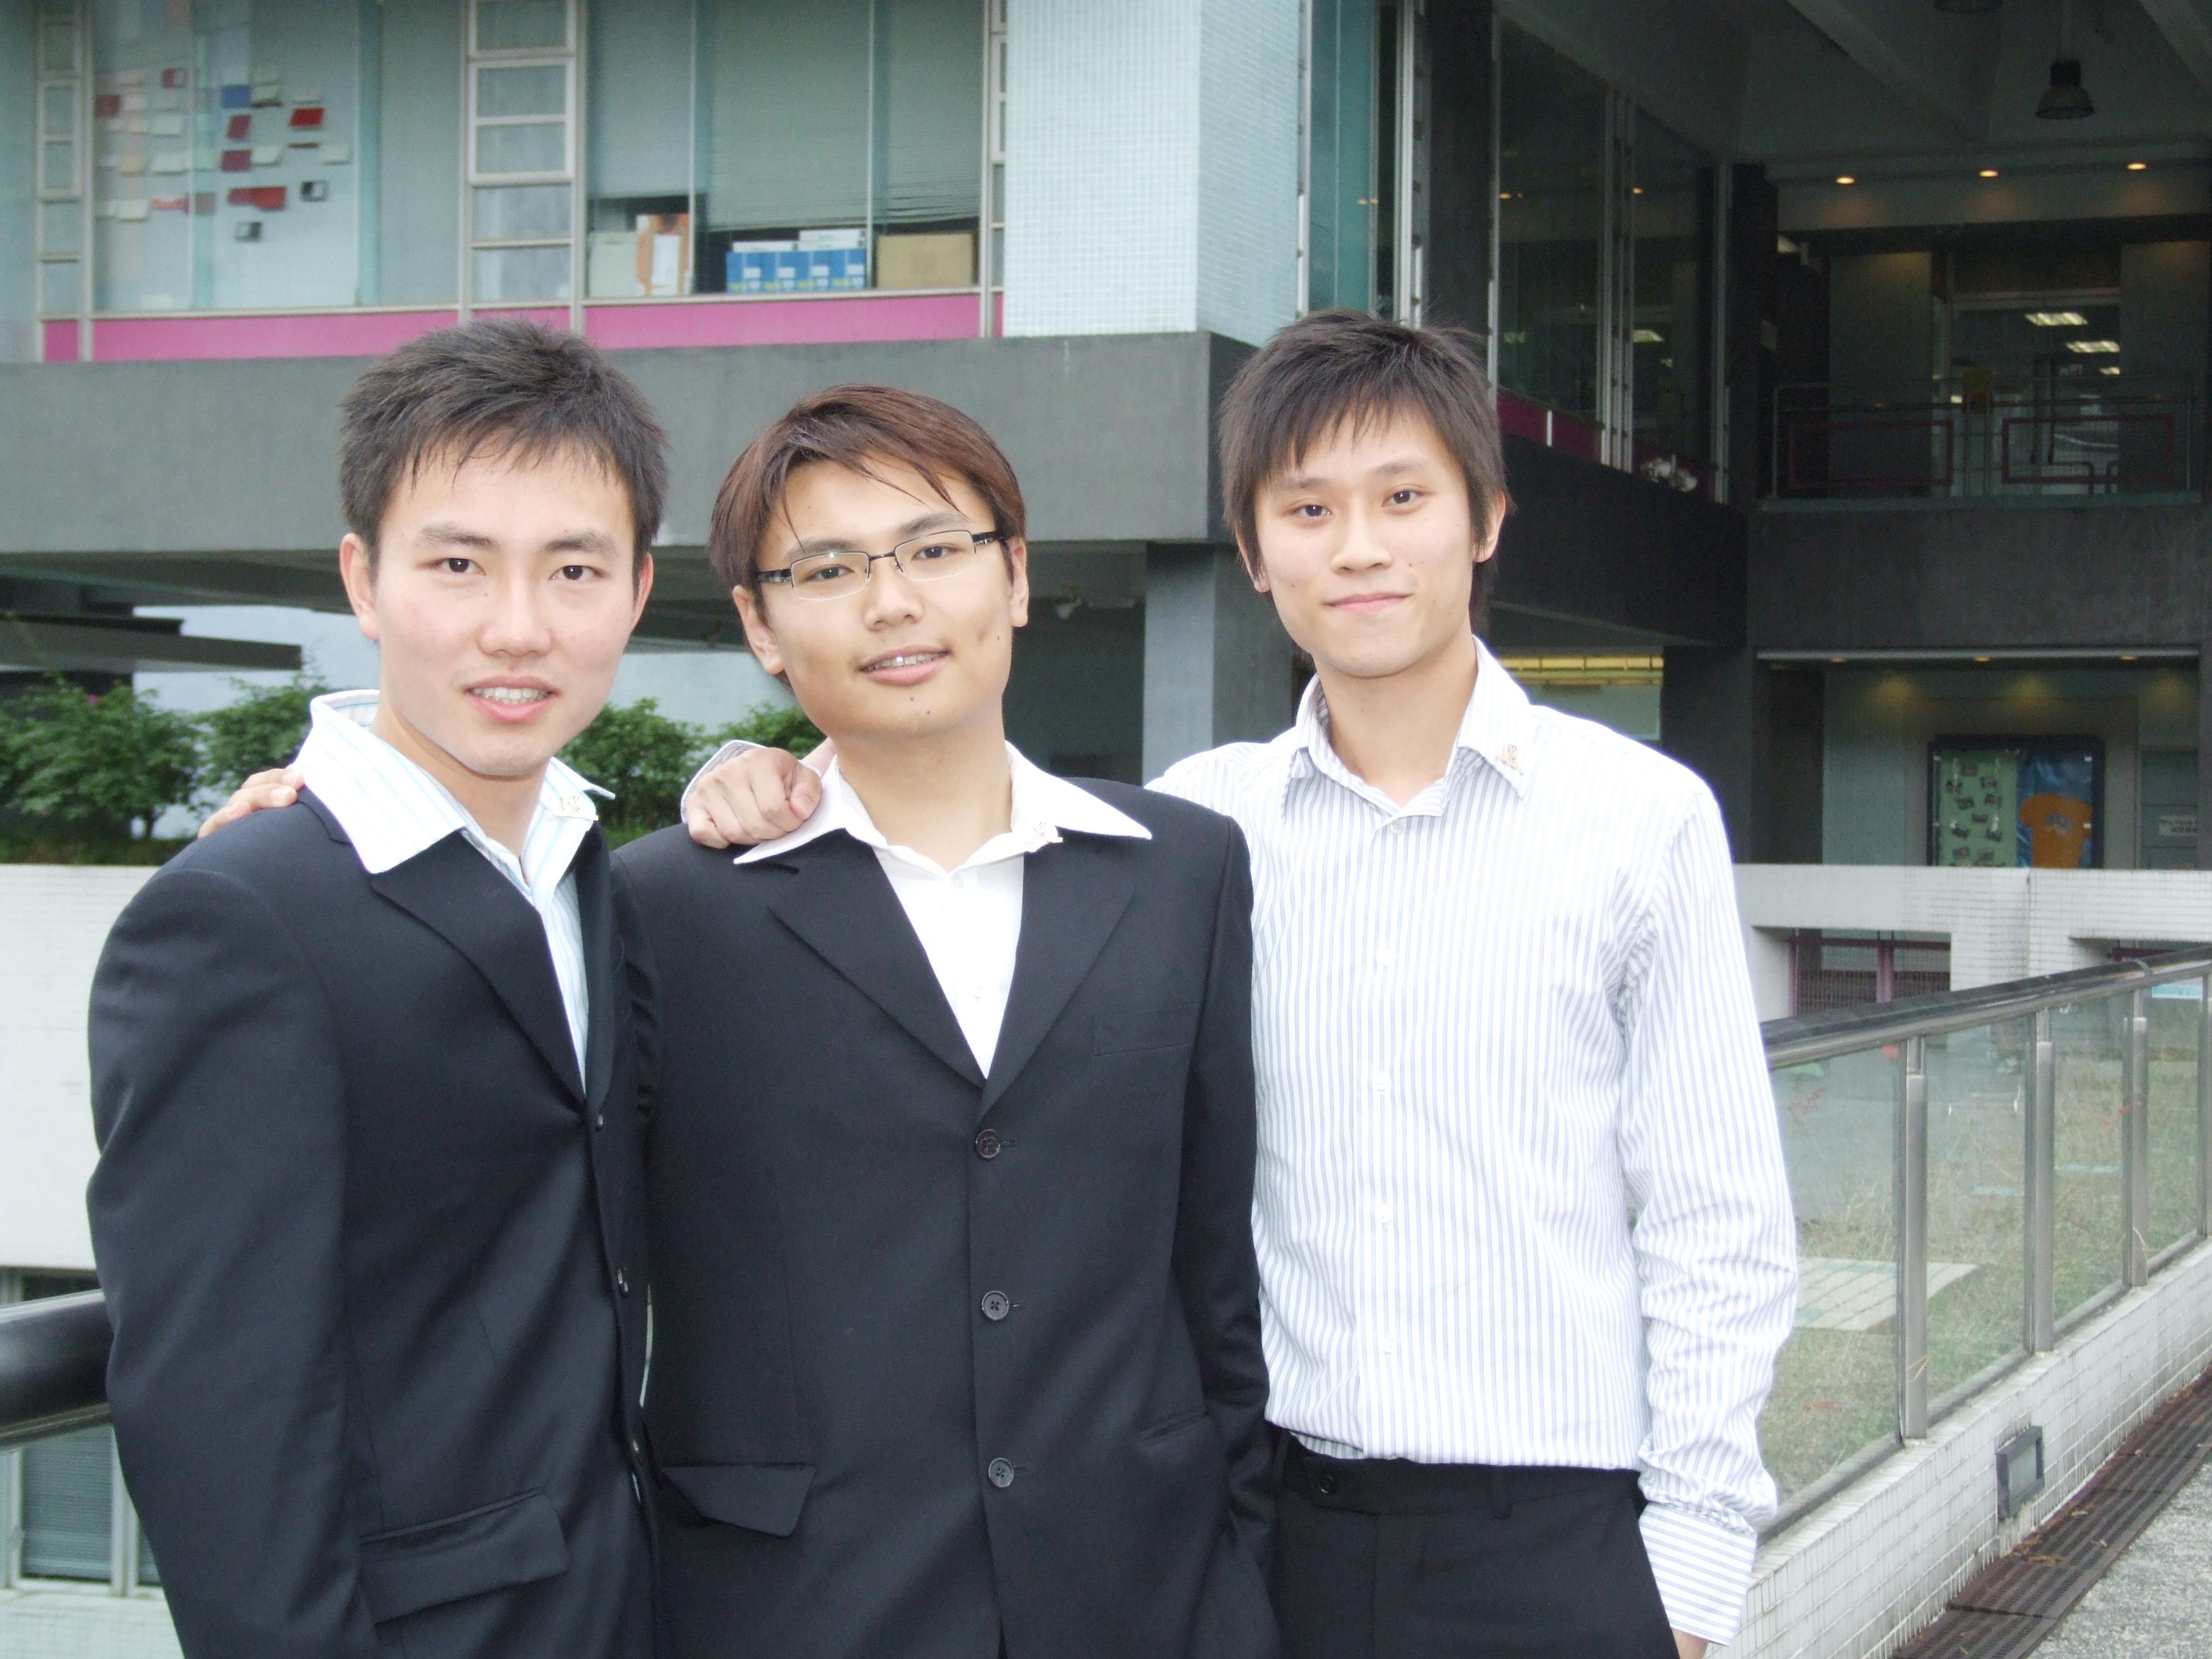 刘晓俊、许志达和孙坚迪(由左至右)均接获月薪四万元以上的聘书。